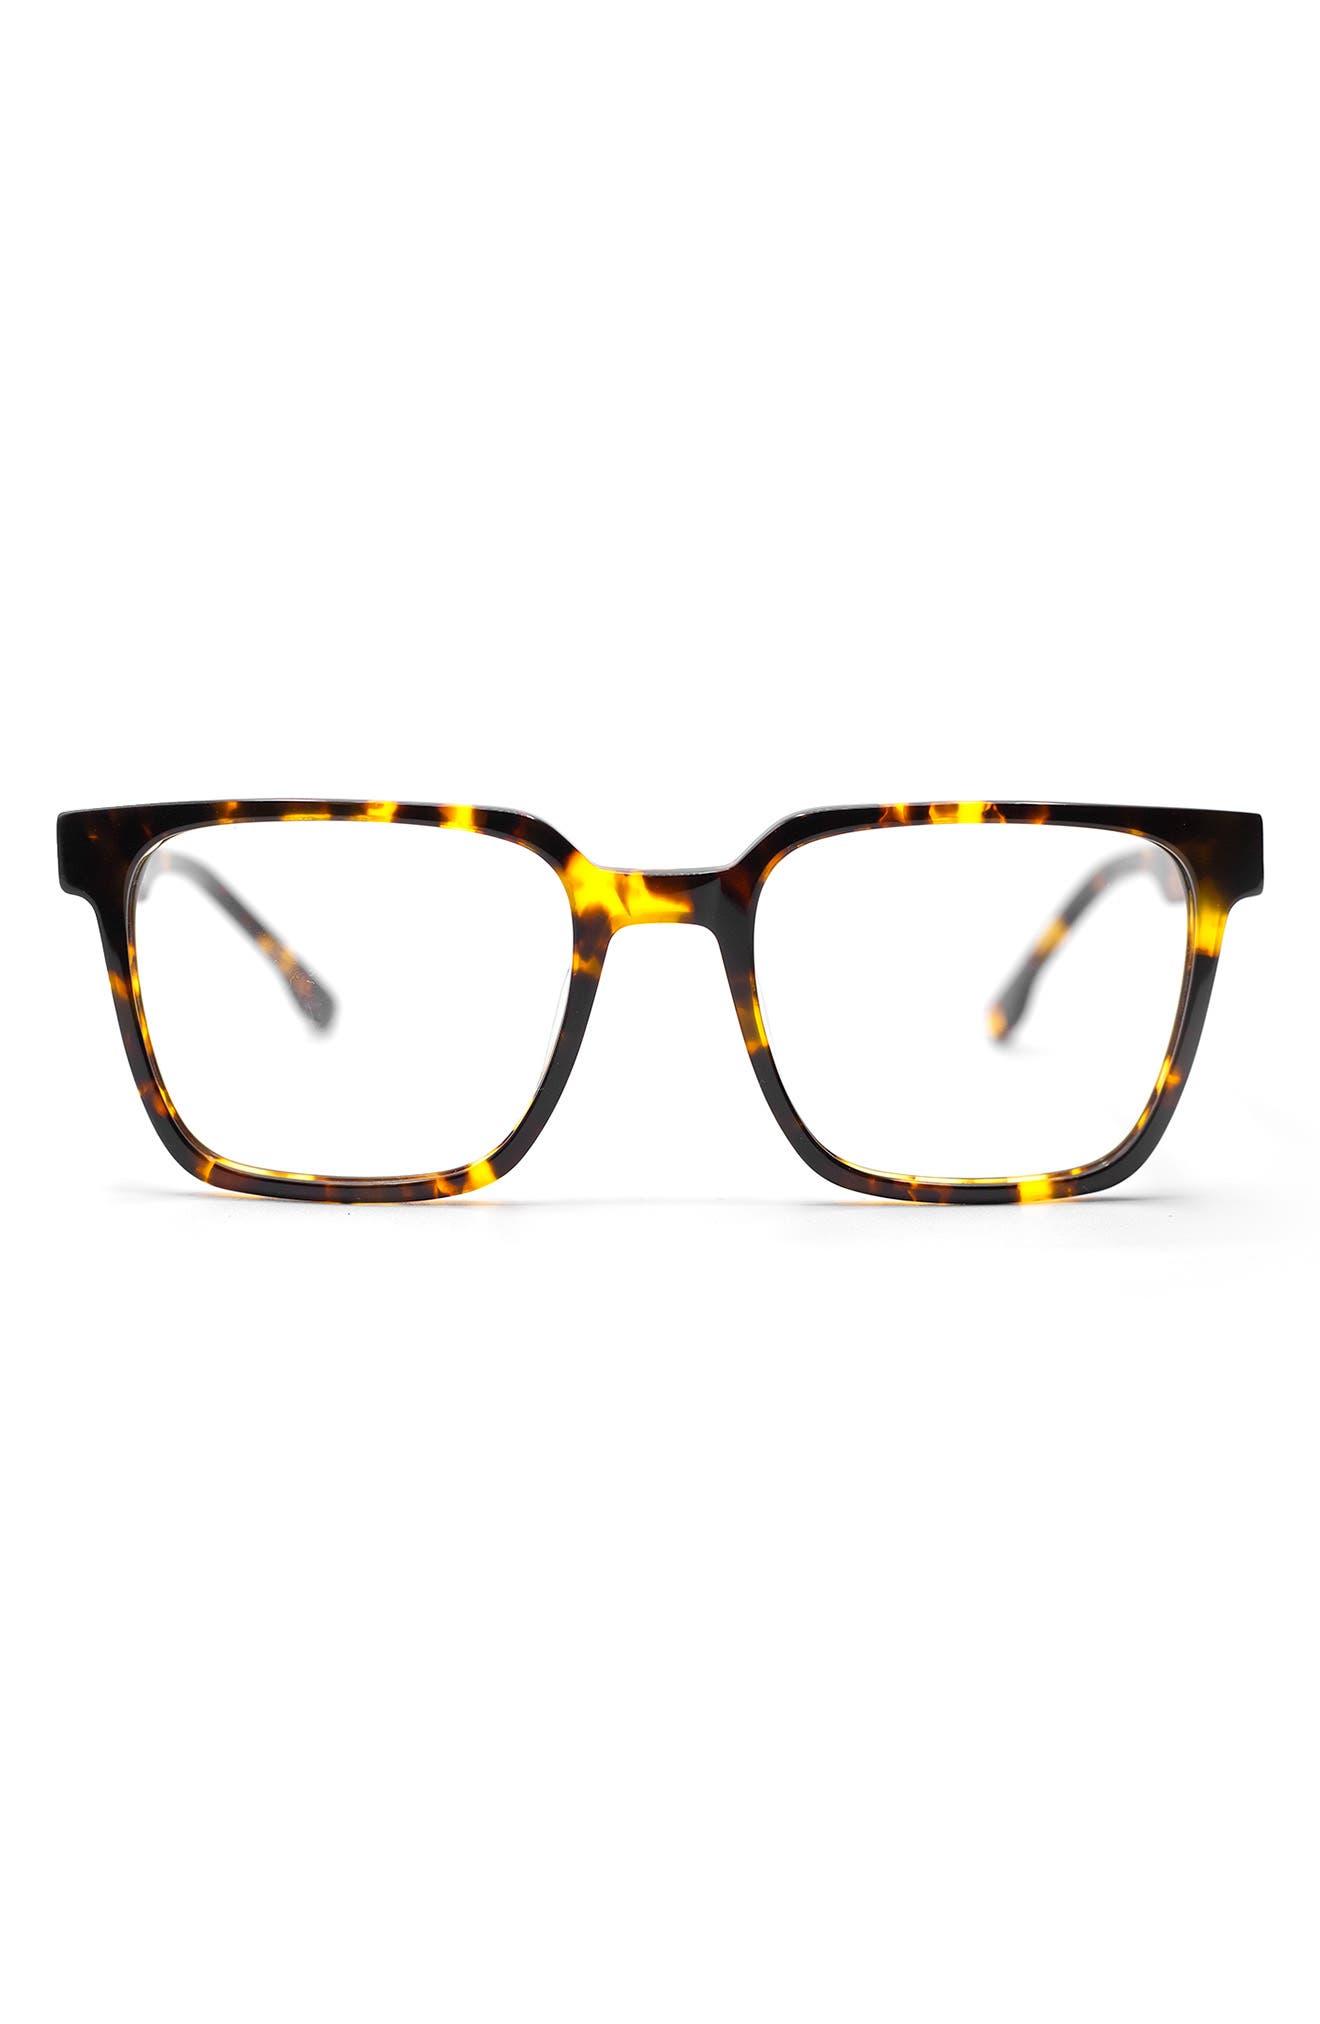 Jade 50mm Gradient Square Optical Glasses